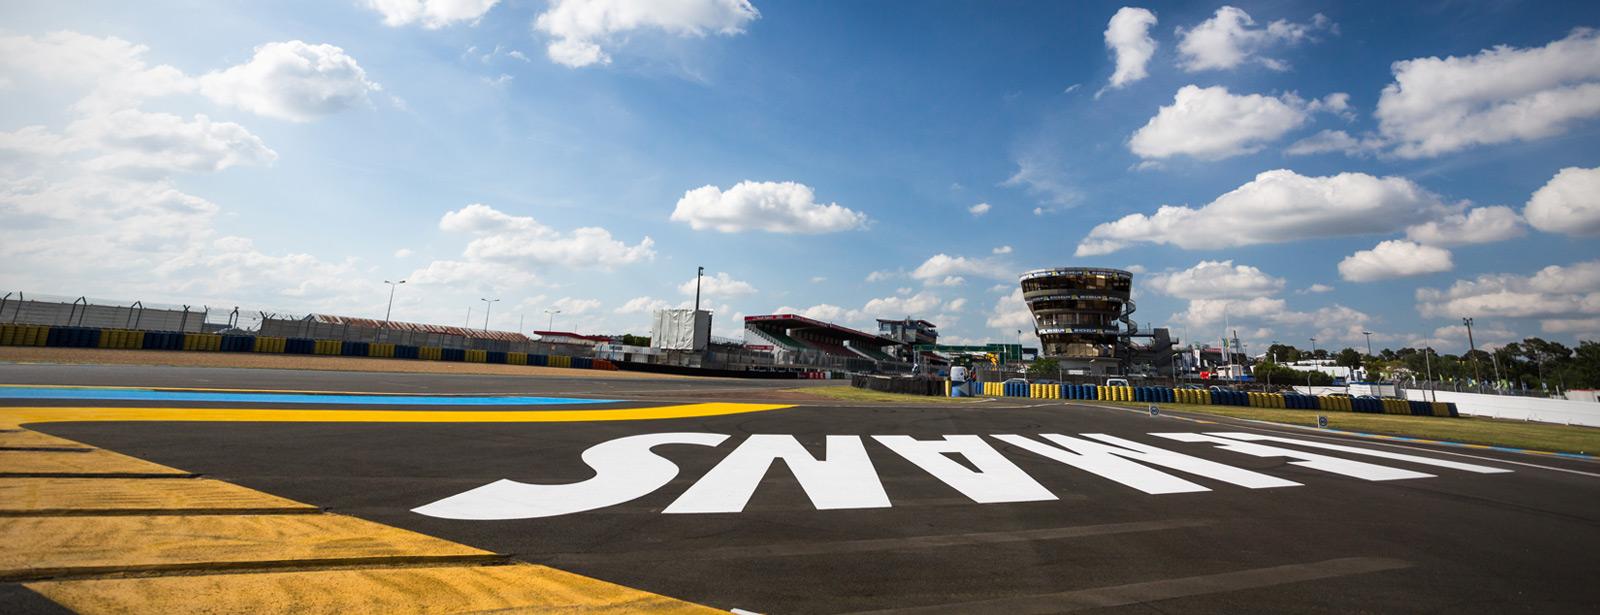 Le Mans - mesure objective de l'exposition aux ondes | Demain Conseils